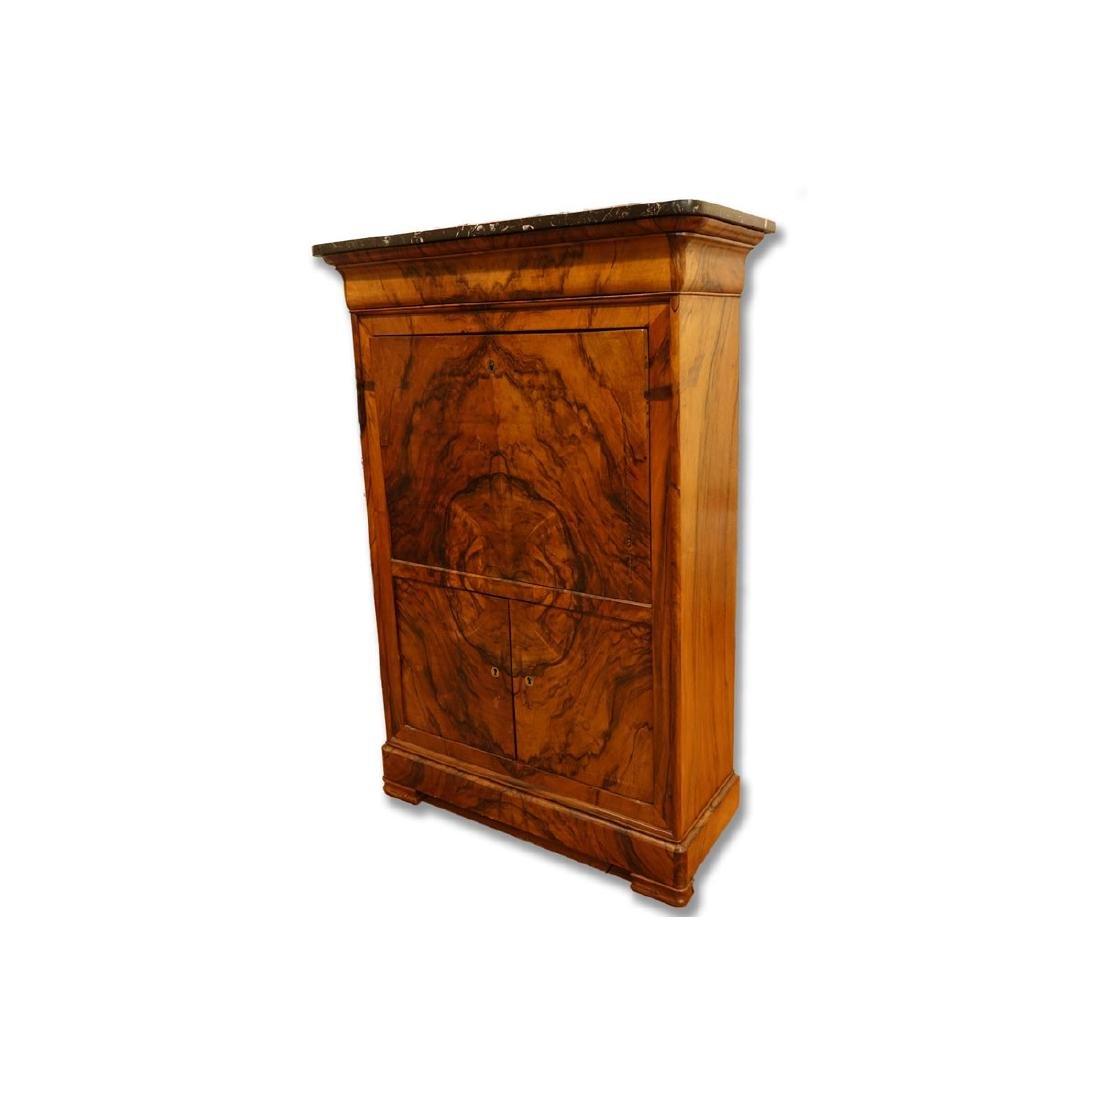 58f66db121 French Louis Philippe Burled Walnut Secretary Desk - Mar 20, 2019 | Kodner  Galleries Inc. in FL